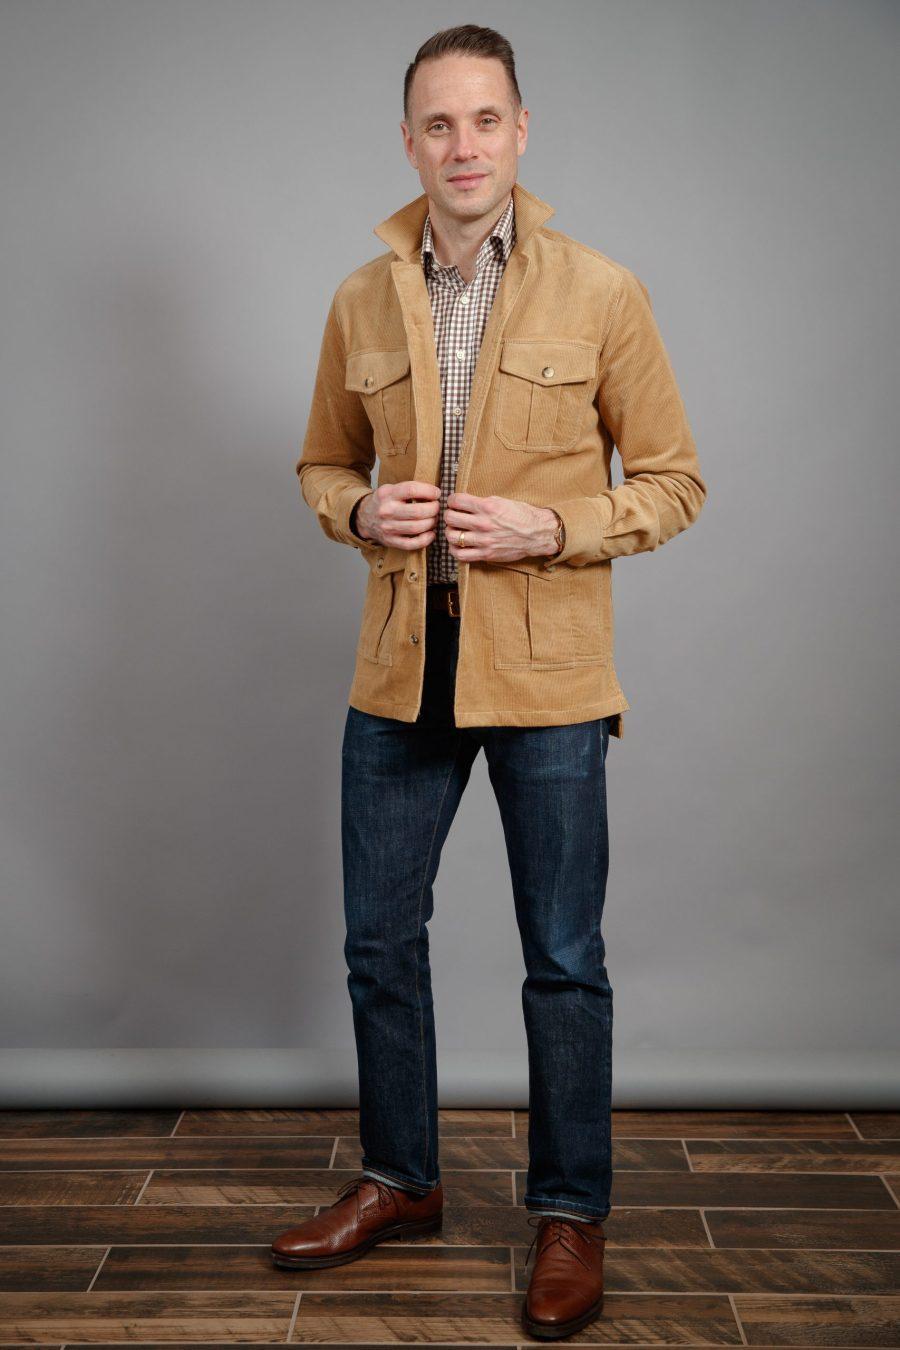 que-fica-bem-com-uma-camisa-jaqueta-de-veludo-camelo-marrom-camelo-e-sapatos-marrons